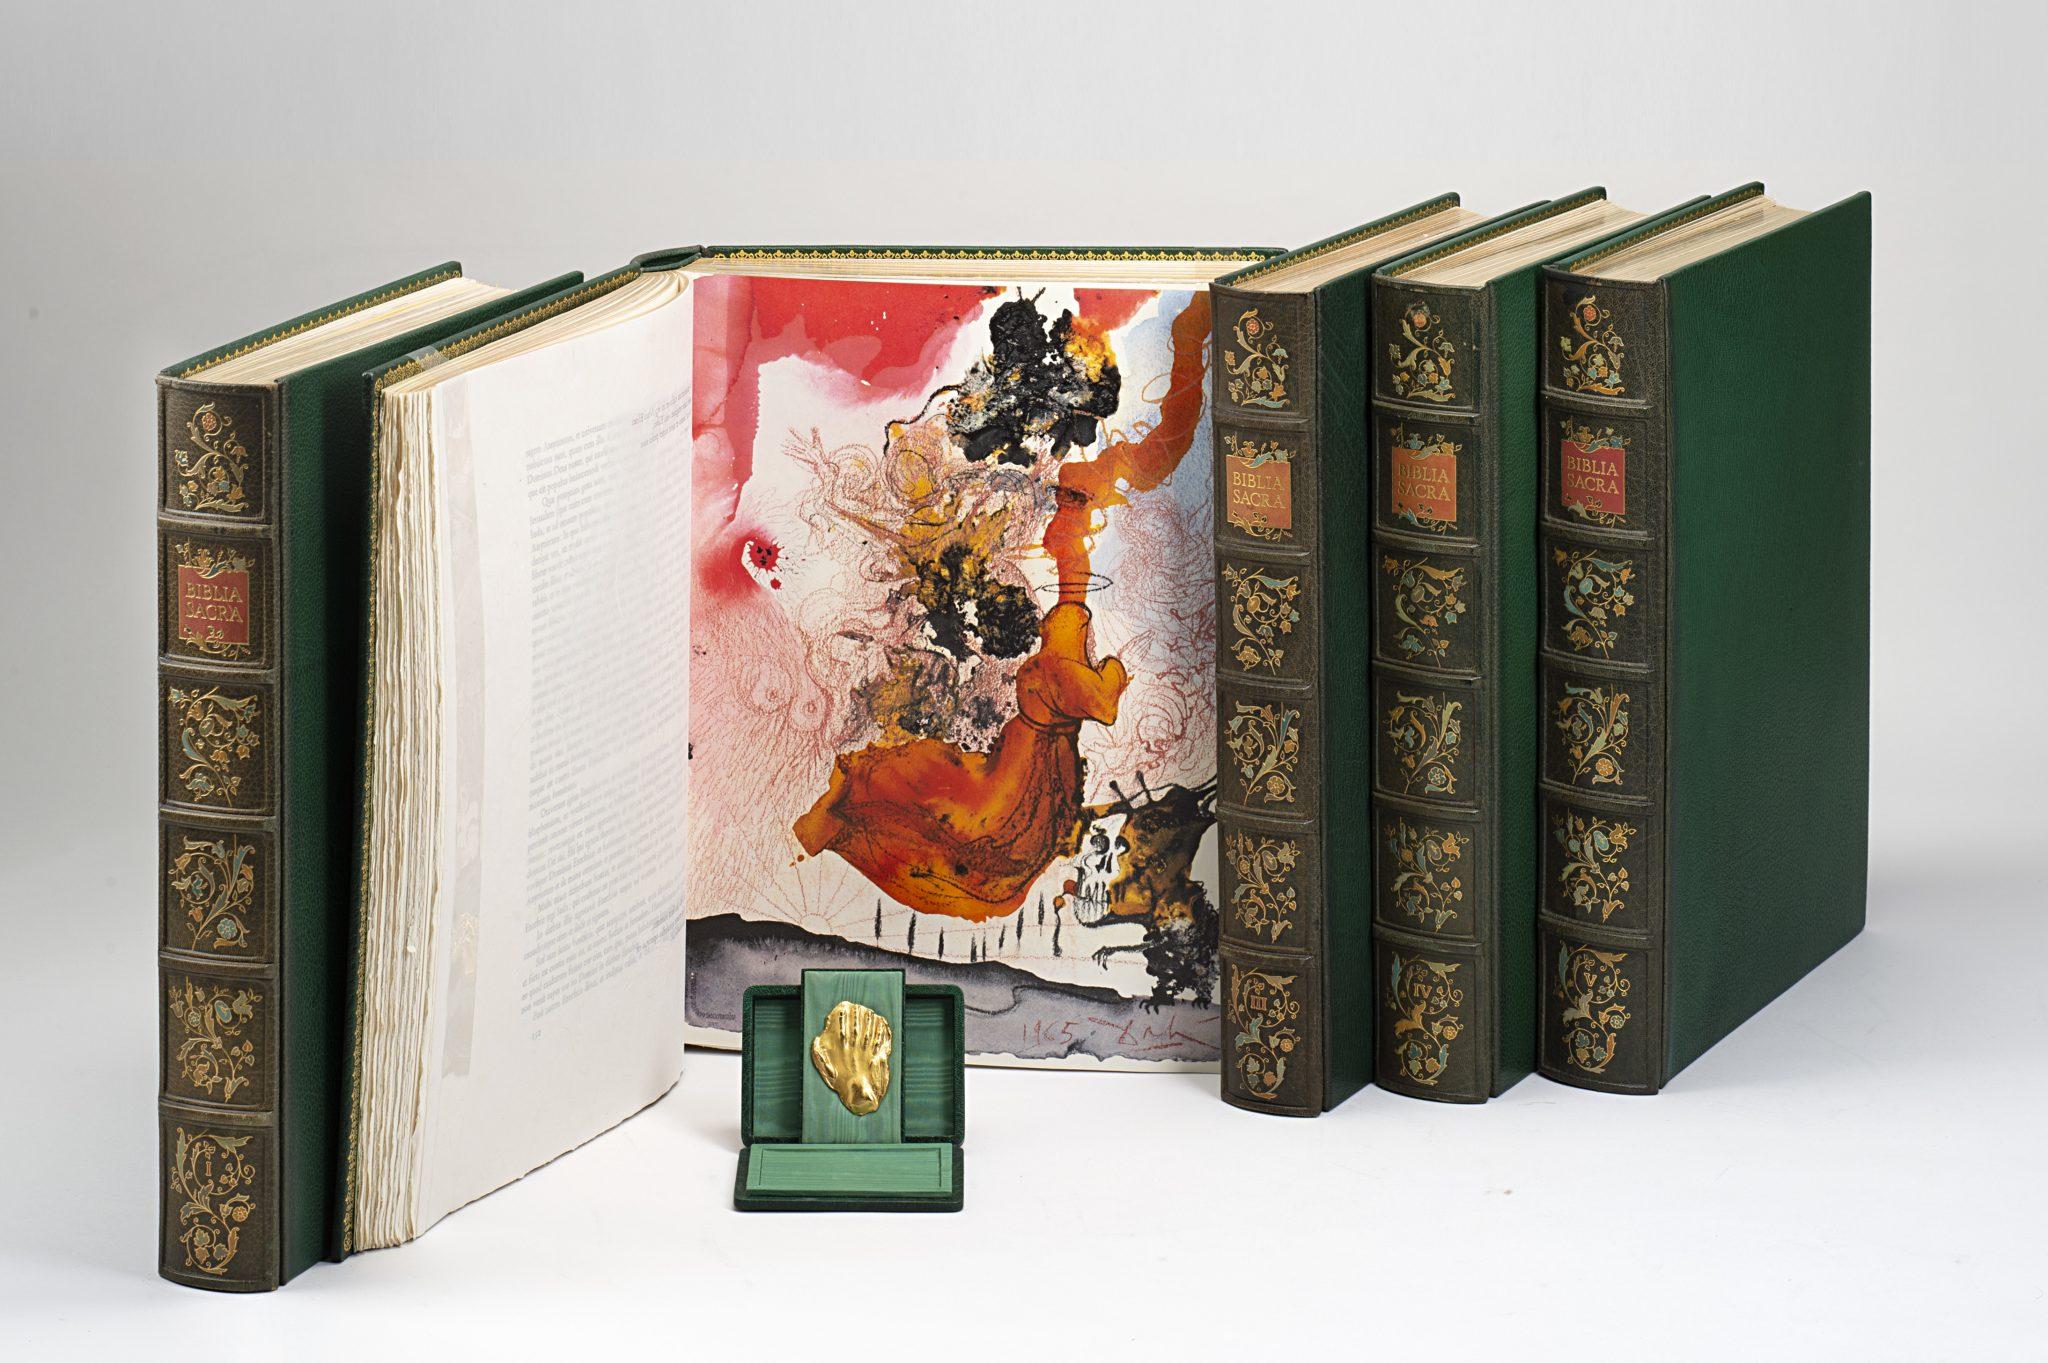 Lotto 211 DALI, Salvador (1904-1989) - Biblia Sacra vulgatae editionis. Roma: Rizzoli-Mediolani, 1967-1969. Valutazione € 40.000-60.000